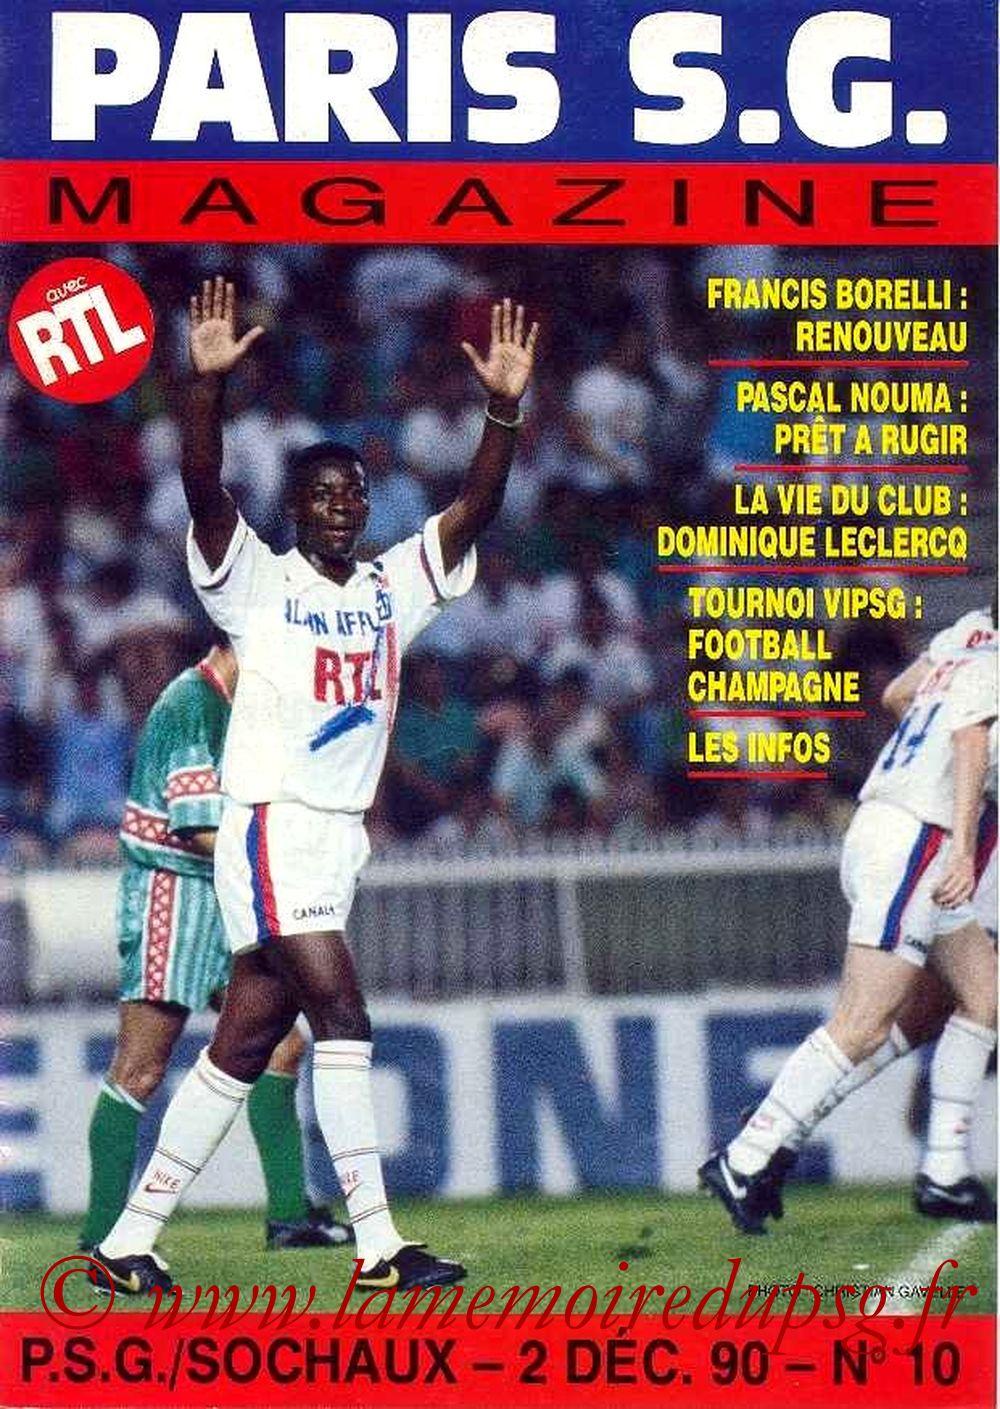 1990-12-02  PSG-Sochaux (18ème D1, Paris SG Magazine N°10)